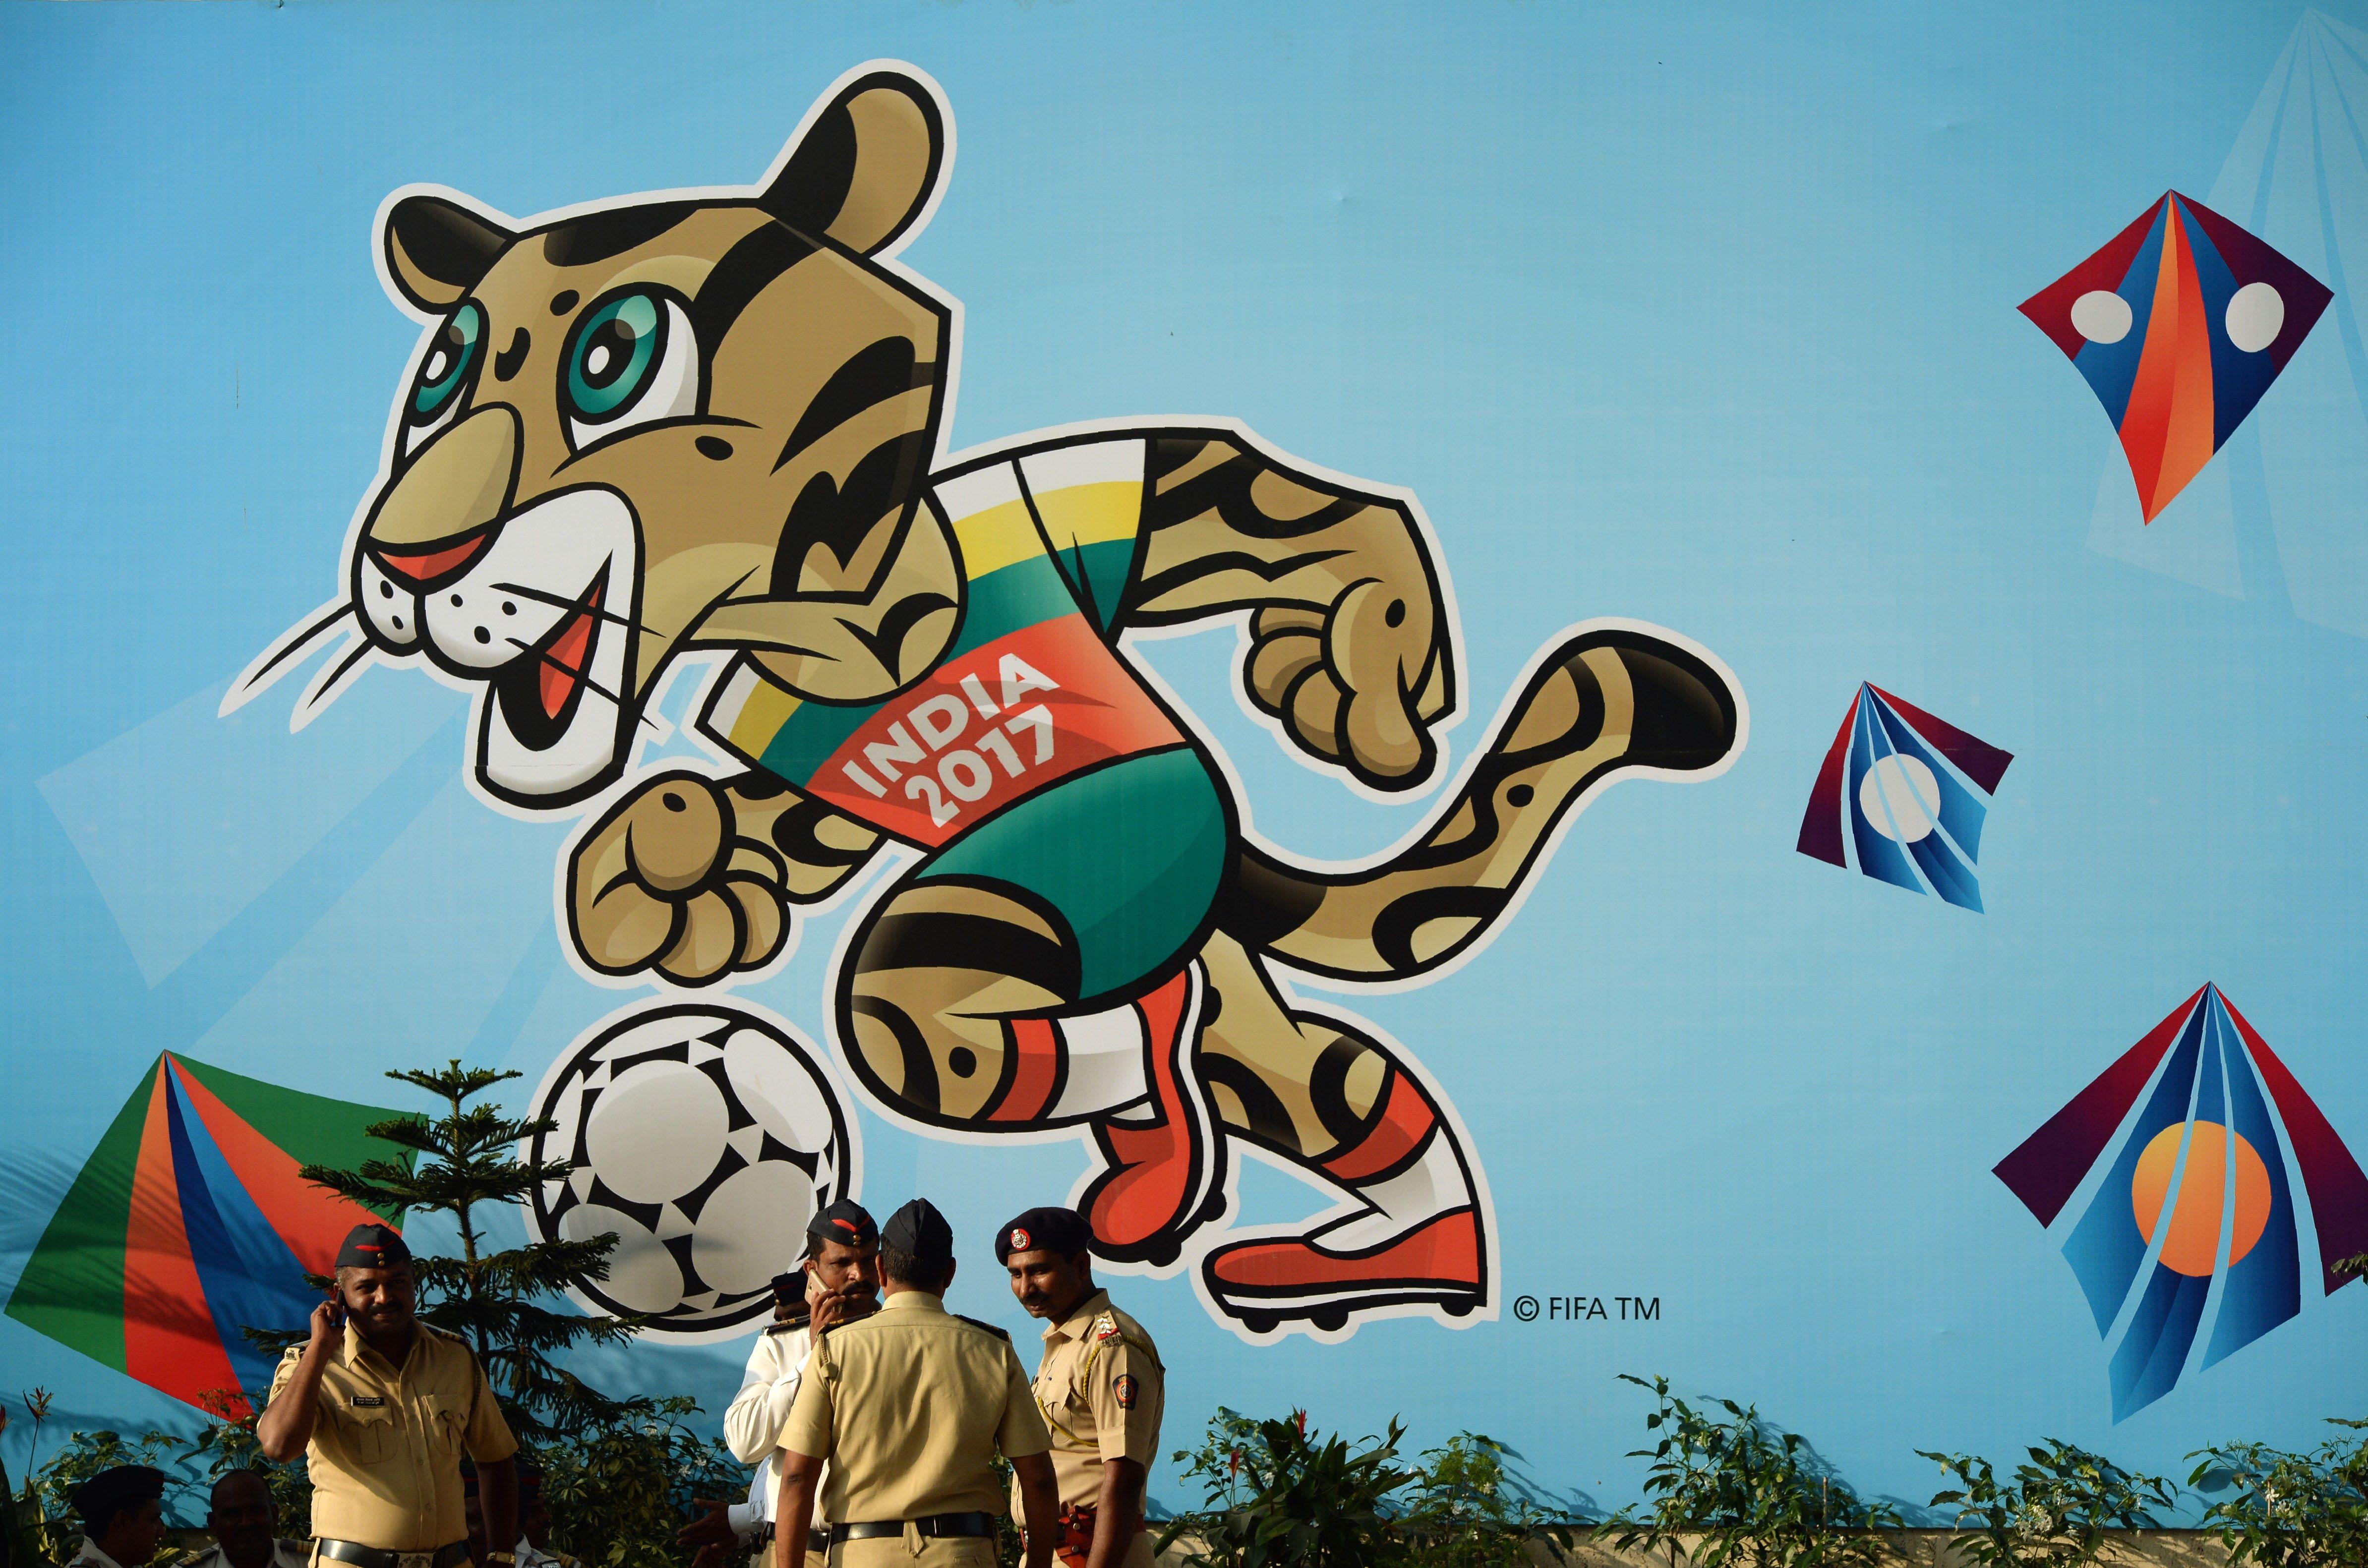 FIFA U17 WC 2017 India